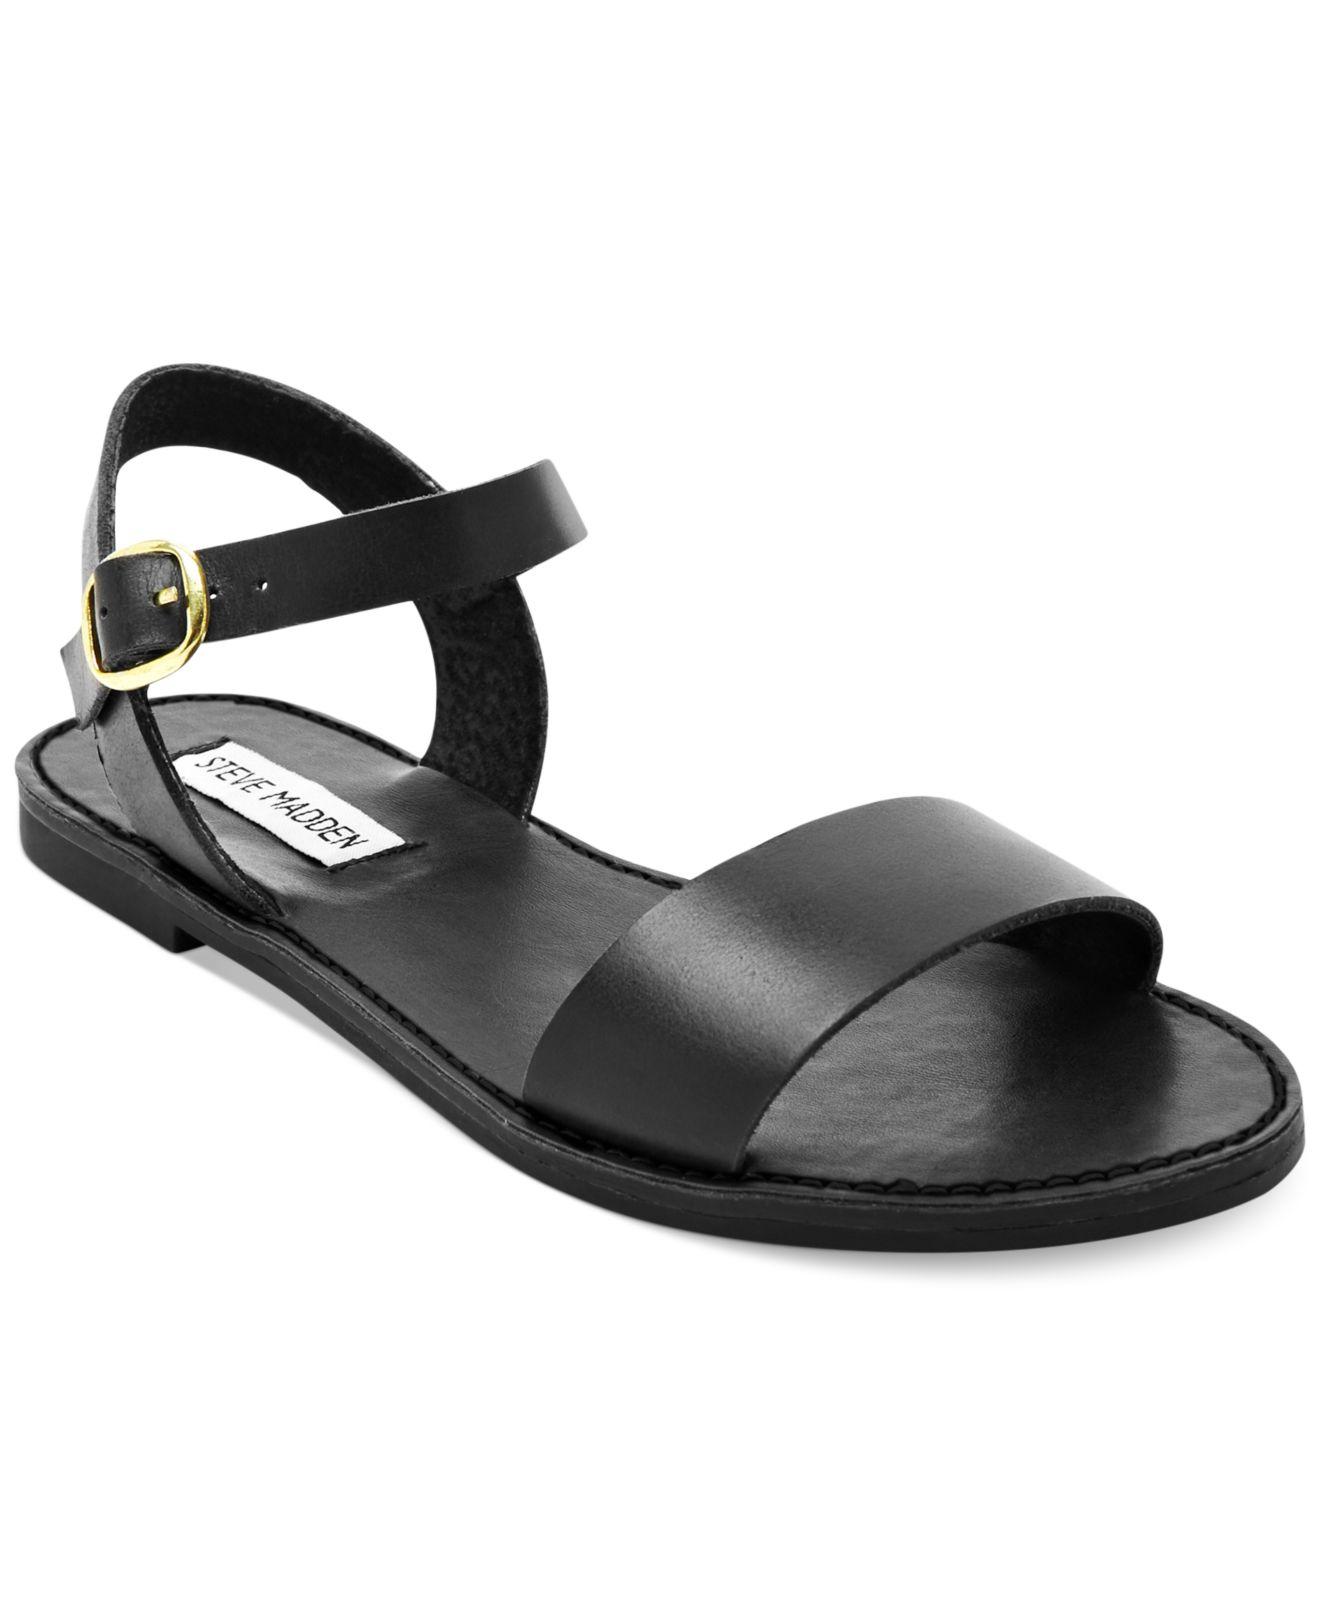 steve madden donddi flat sandals in black lyst. Black Bedroom Furniture Sets. Home Design Ideas